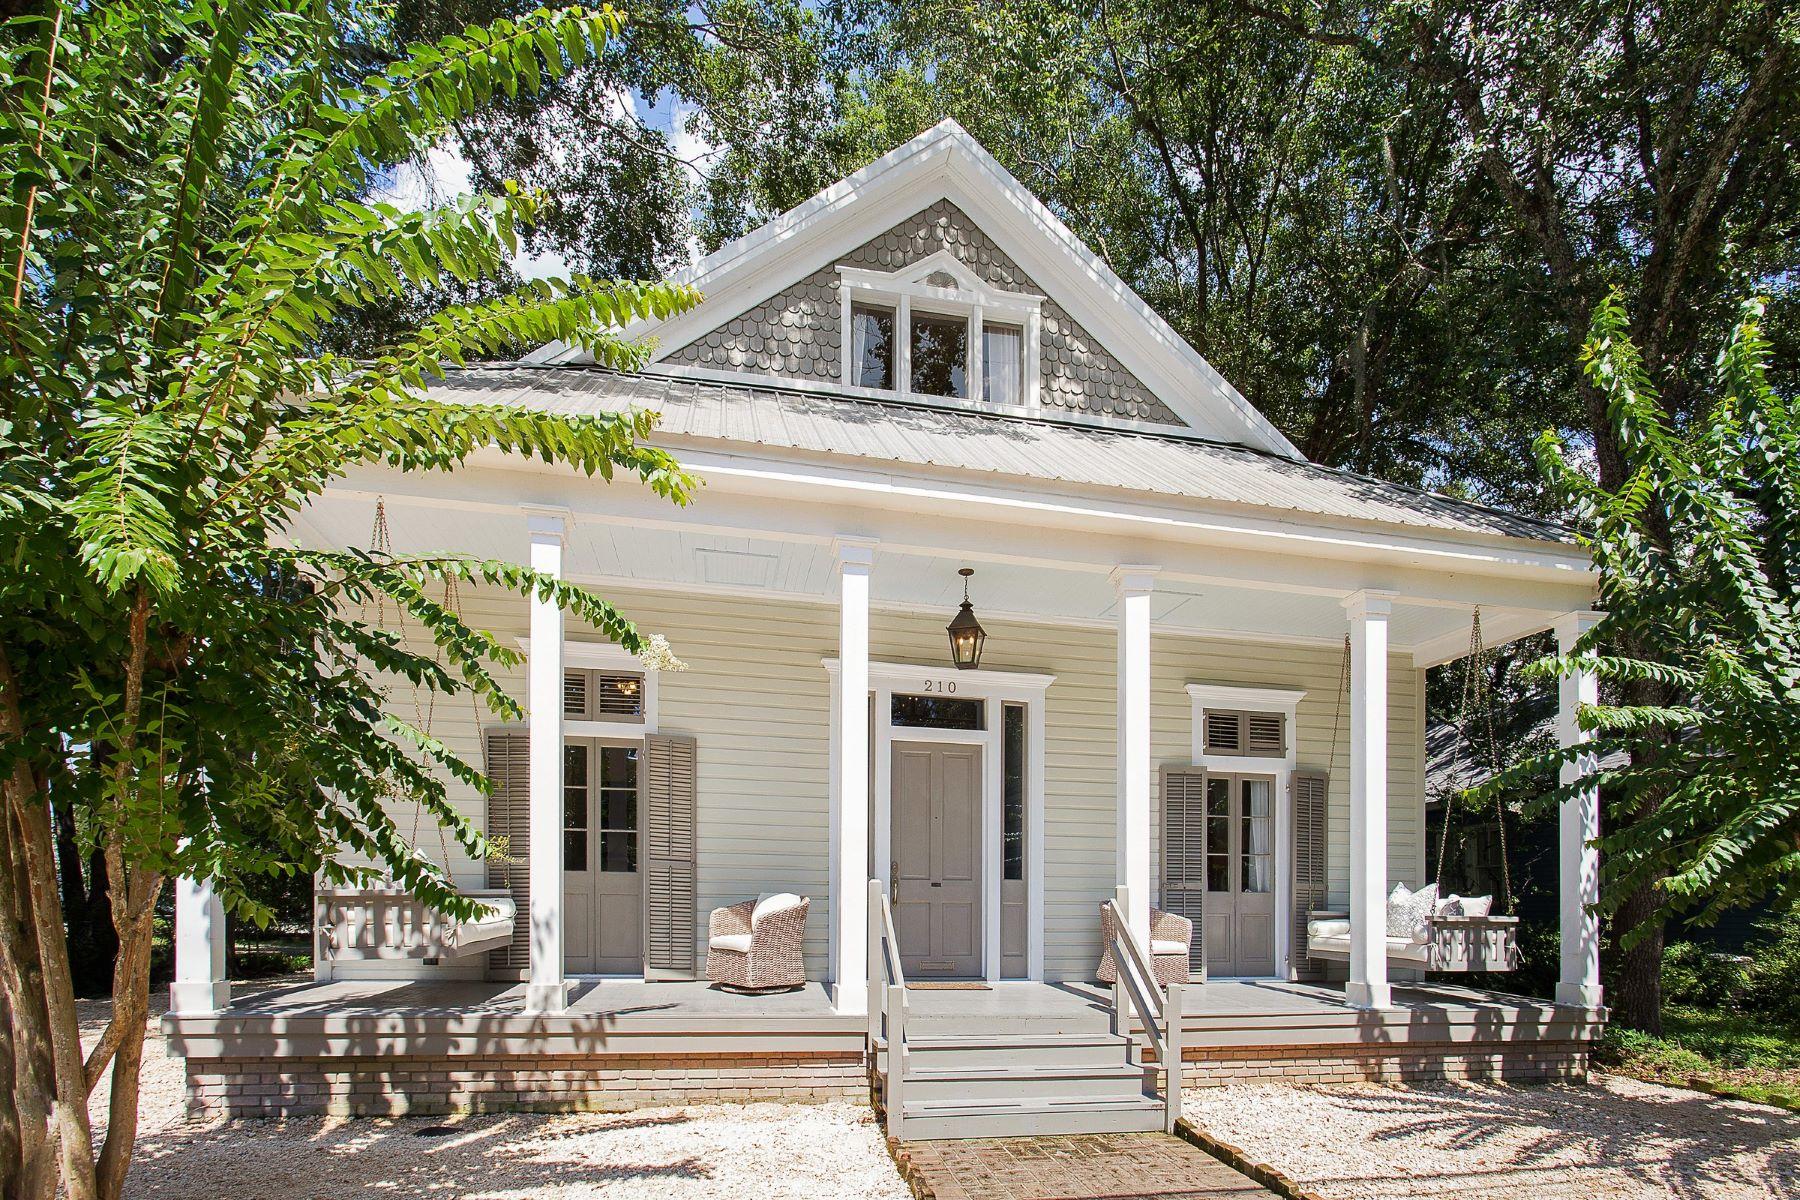 Villa per Vendita alle ore 210 North Florida Street, Covington 210 N Florida St Covington, Louisiana, 70433 Stati Uniti